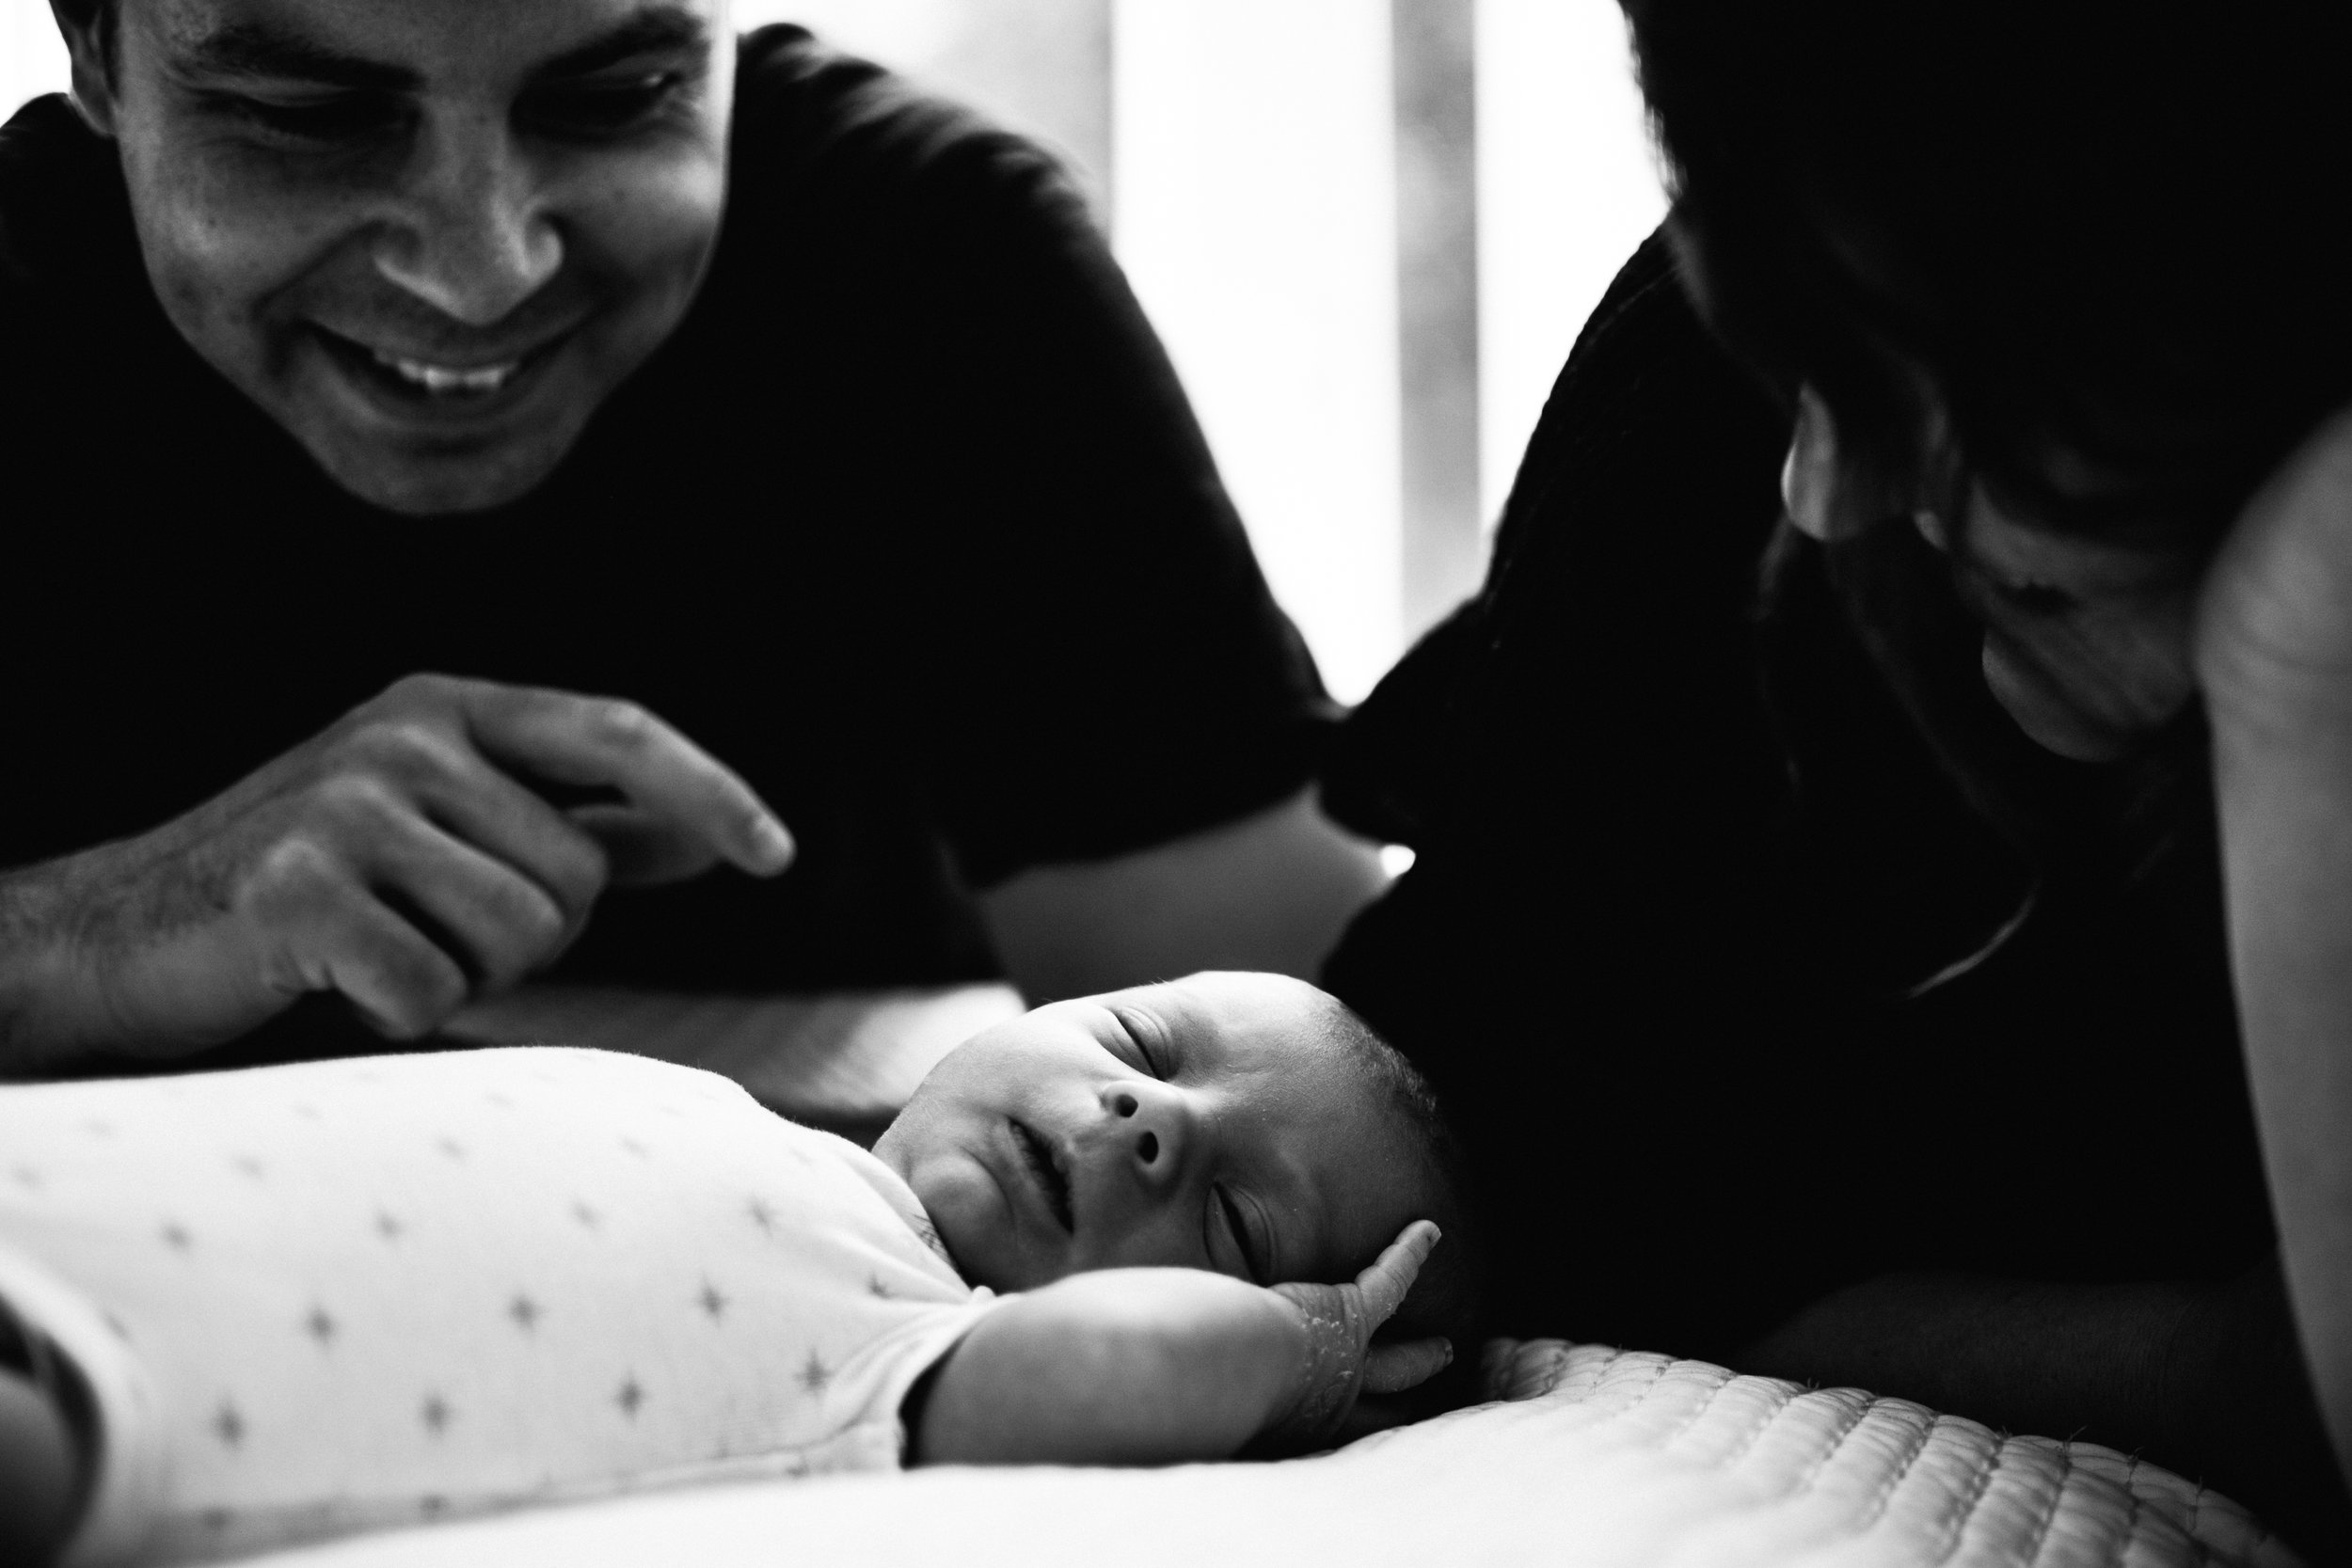 photo-noir-et-blanc-dun-nouveau-ne-et-ses-parents-sur-un-lit_photographe-lifestyle-famille-montreal.jpg